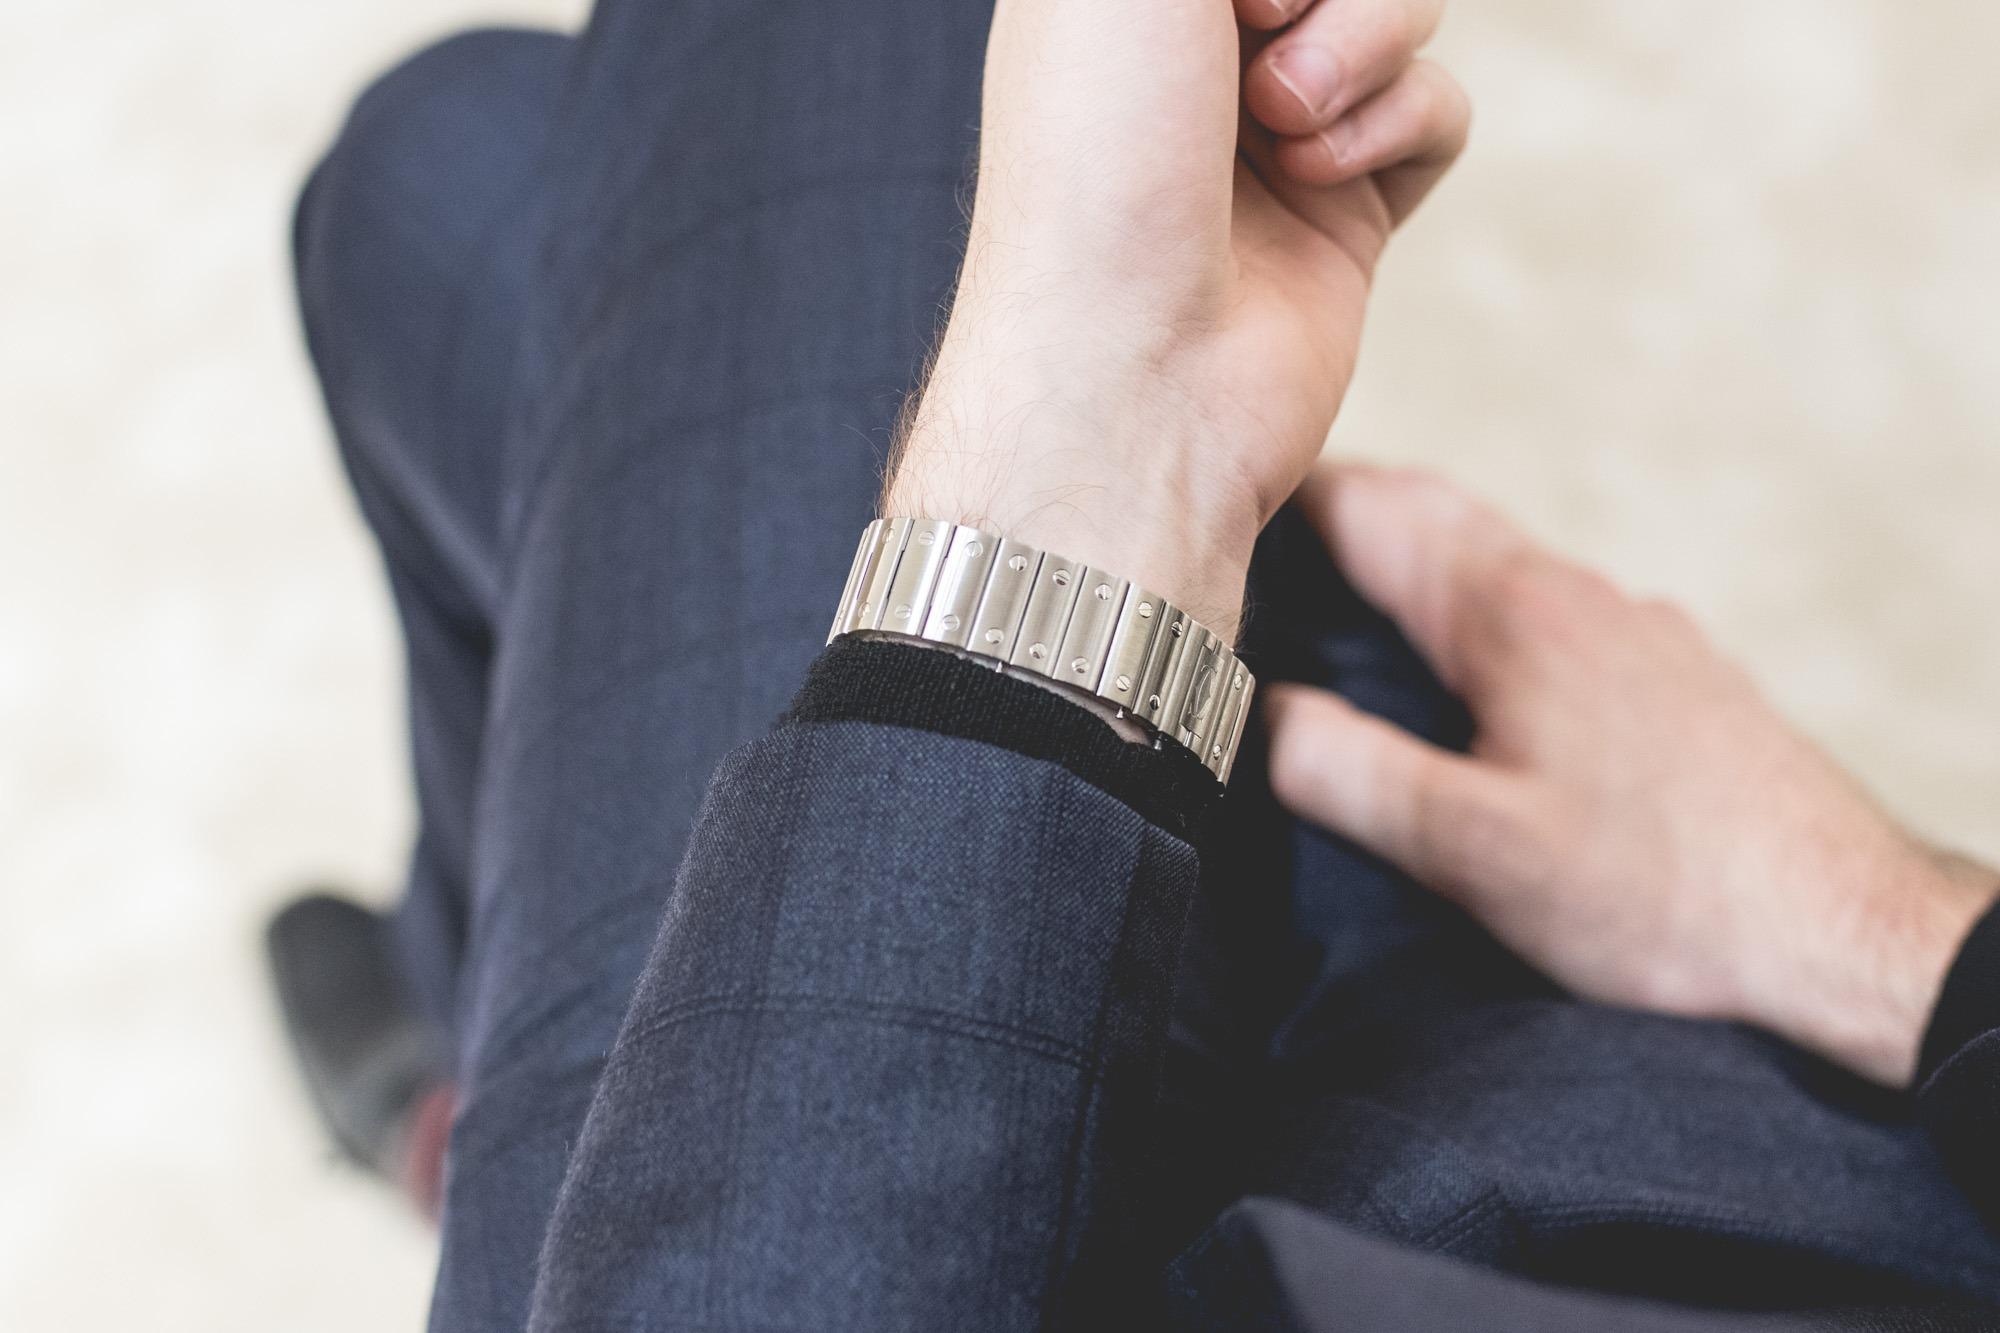 Cartier SIHH 2018 - Santos acier - Nouveau bracelet